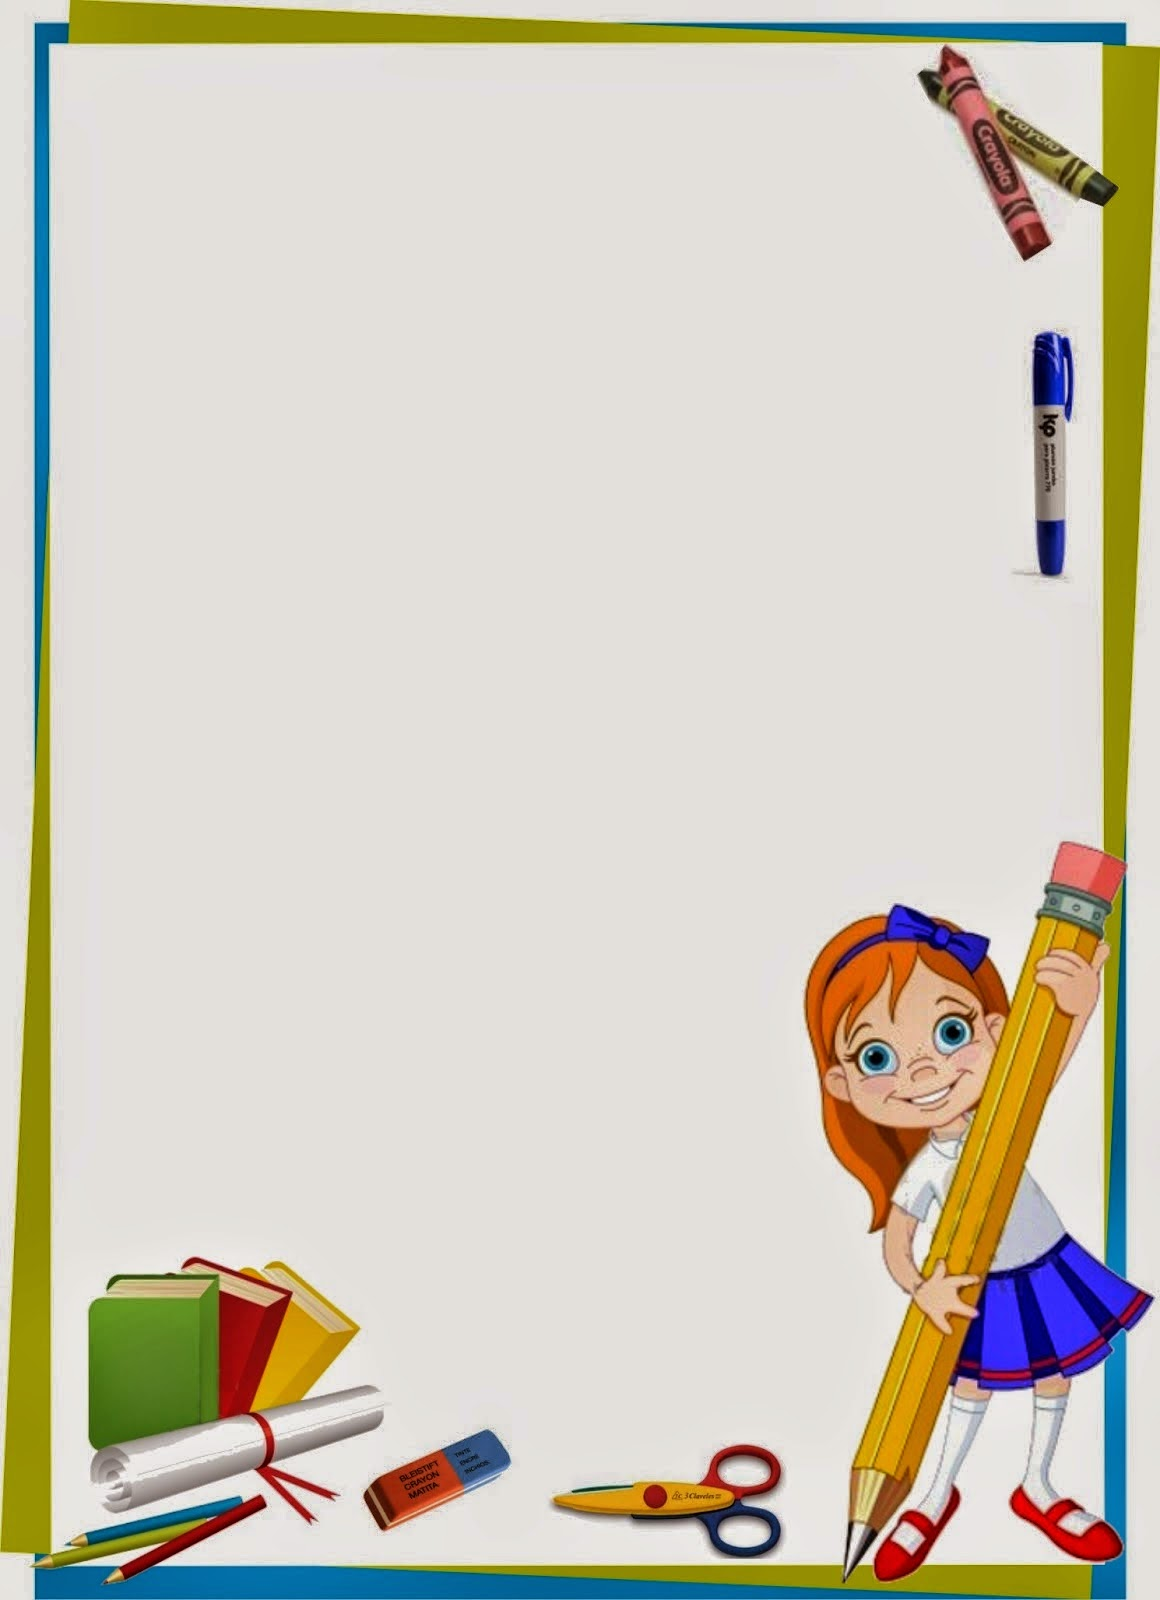 Caratulas y Recursos para Estudiantes: Caratulas para niñas